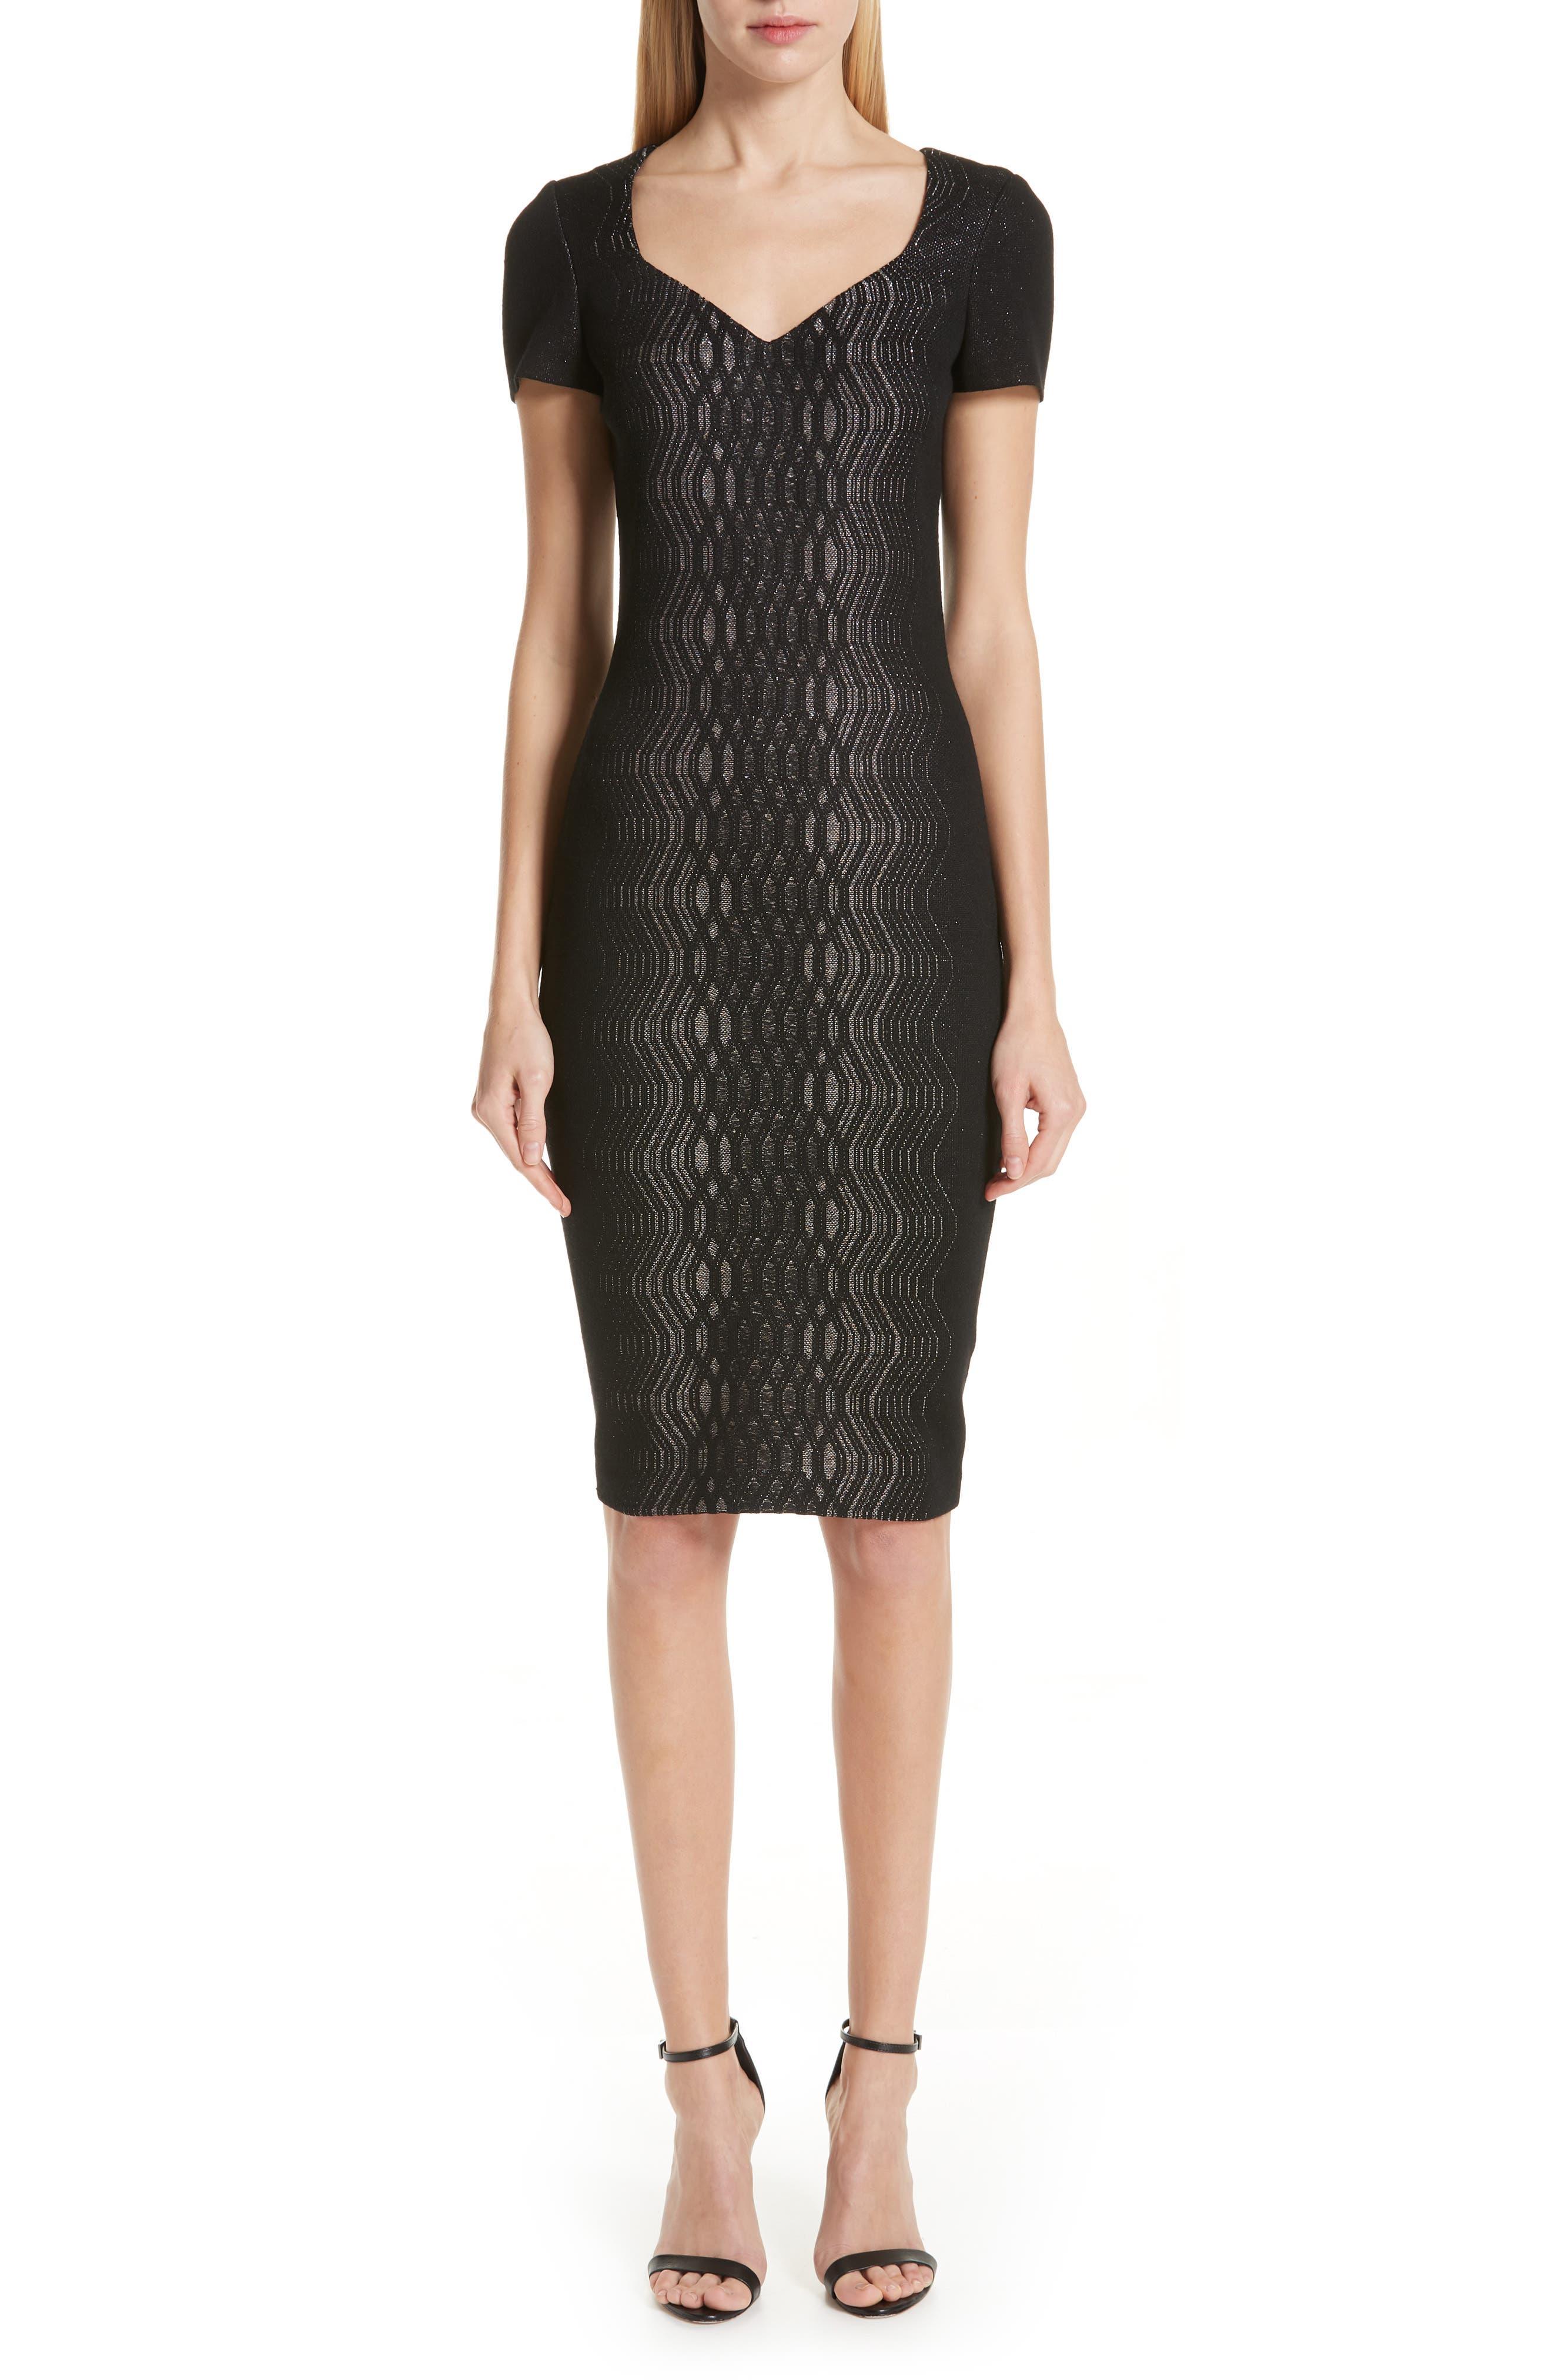 St. John Collection Illusion Jacquard Knit Dress, Black